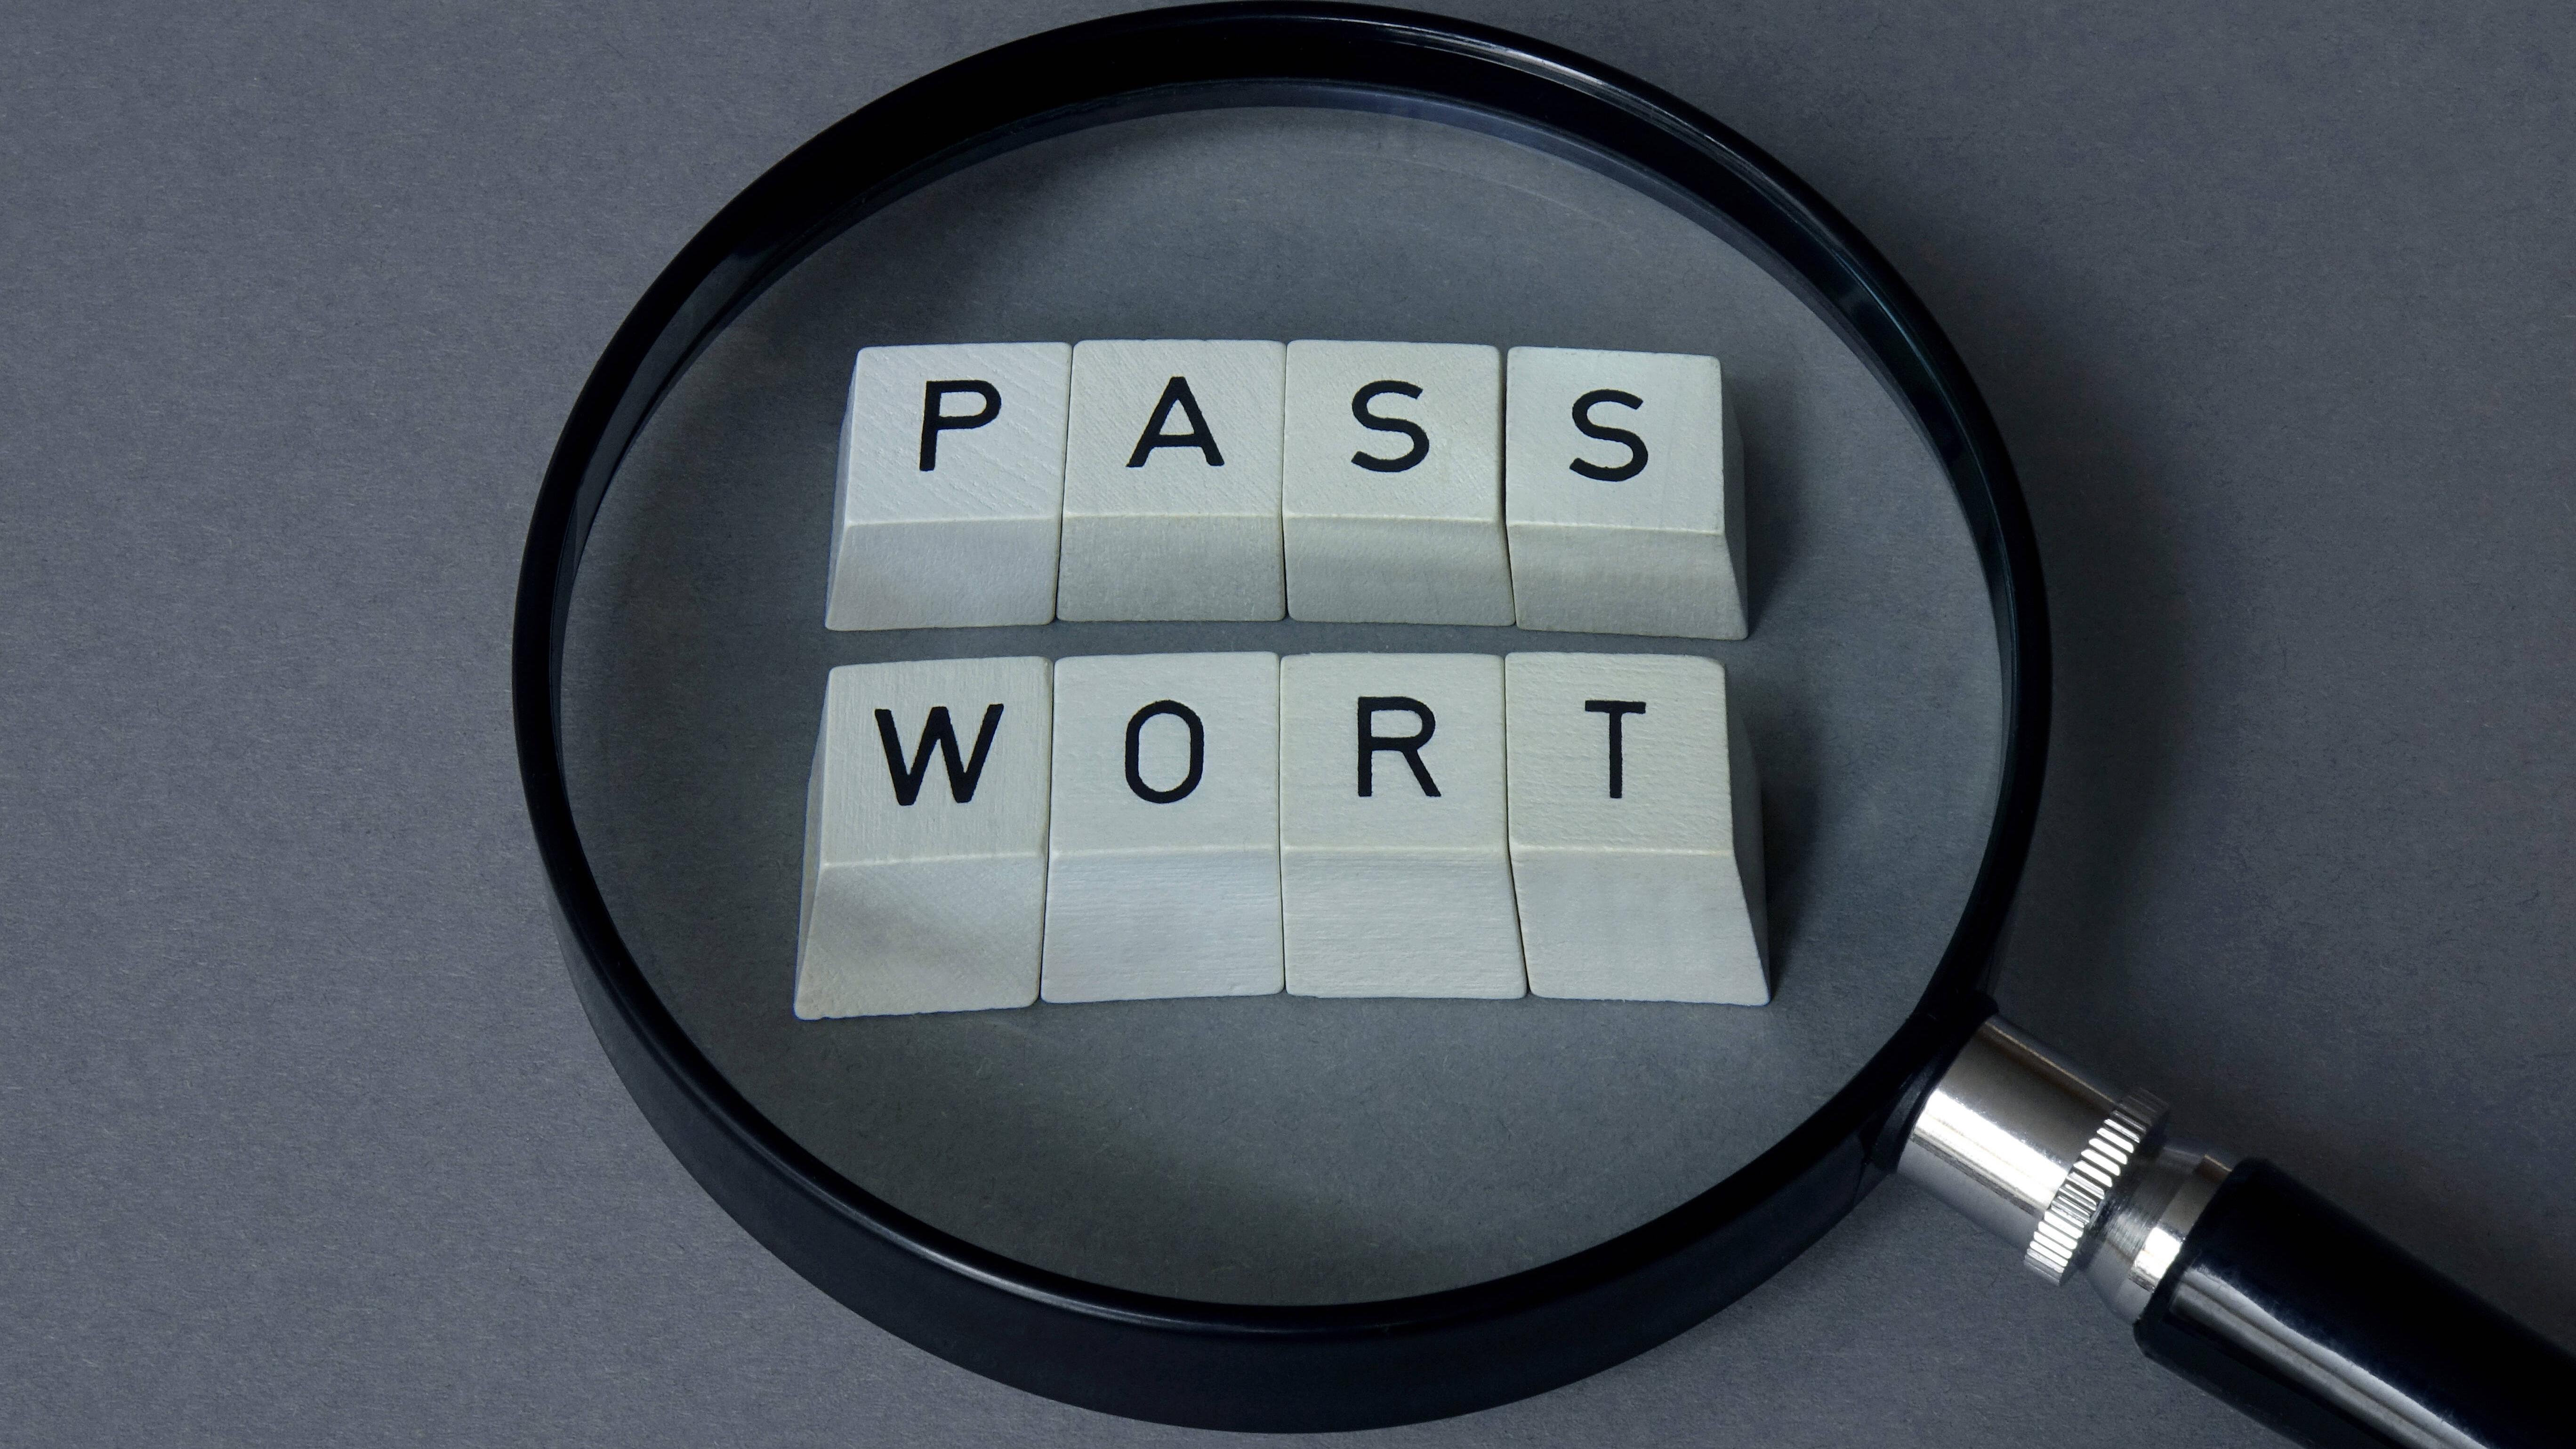 FritzBox 7490: So finden Sie das Standardpasswort